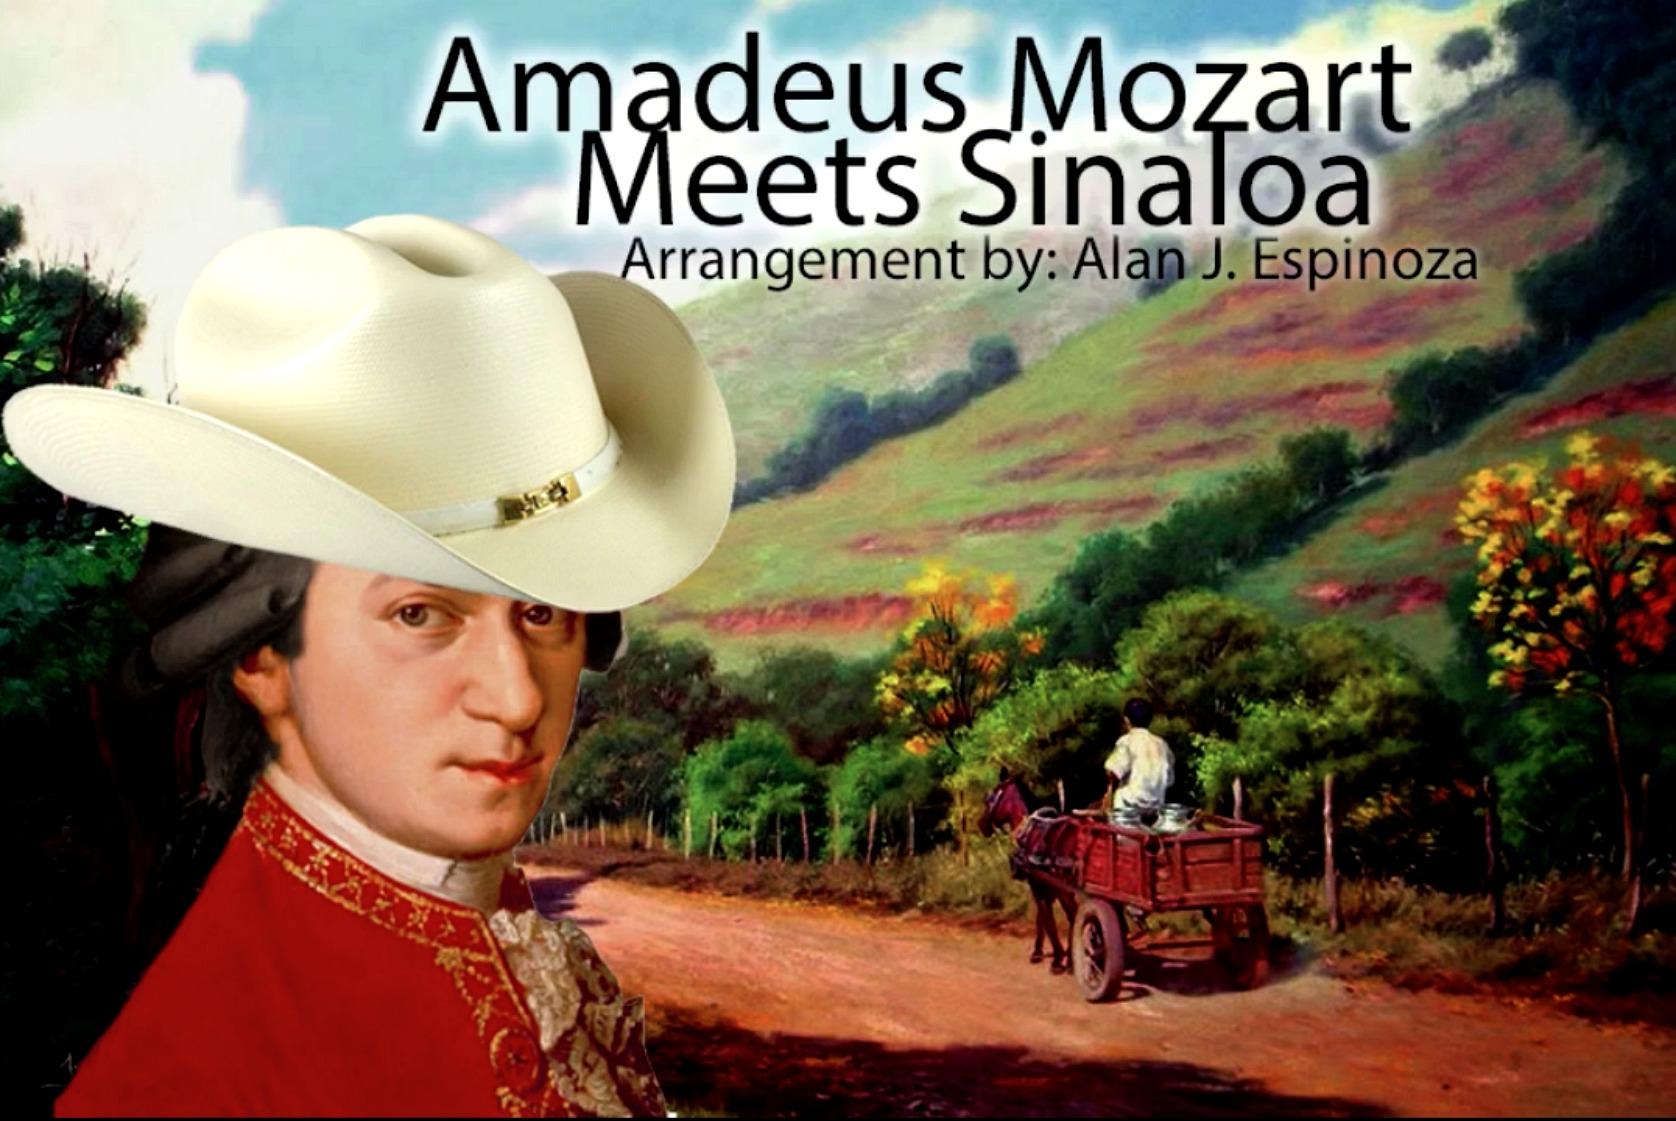 Músico convierte sonatas de Mozart en improbables canciones de banda